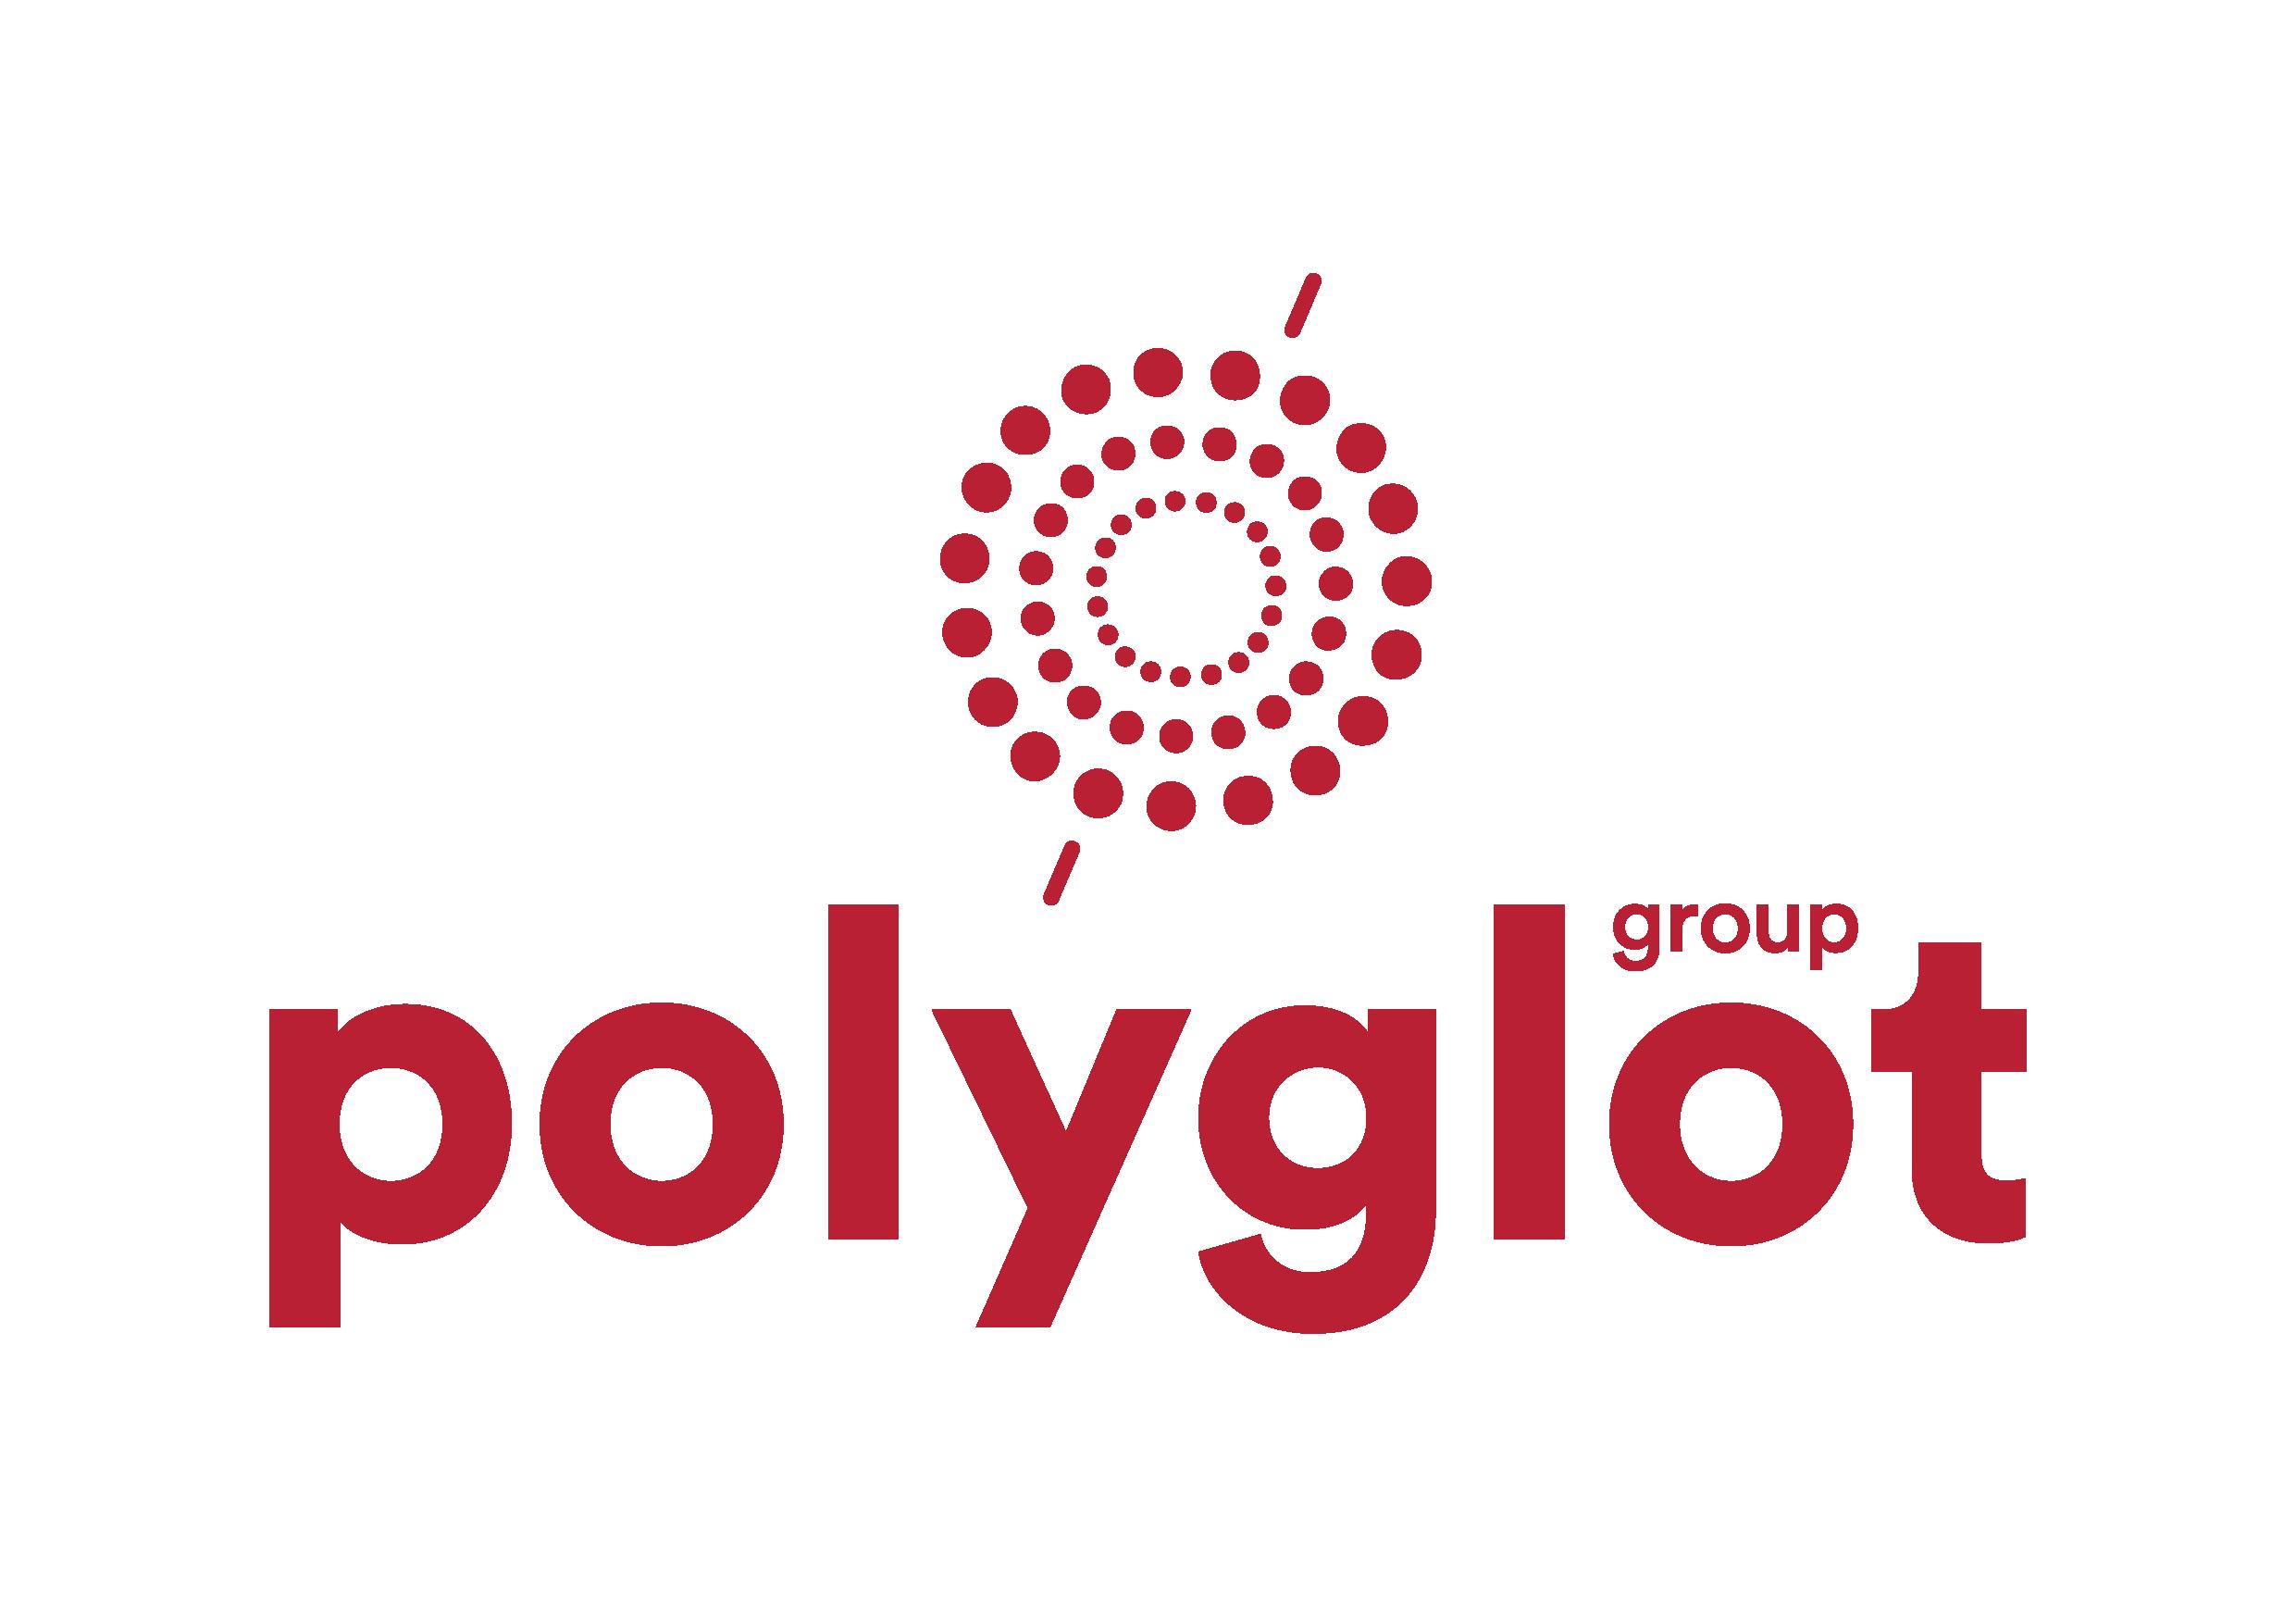 Polyglot_Portrait_Standard_colour.png